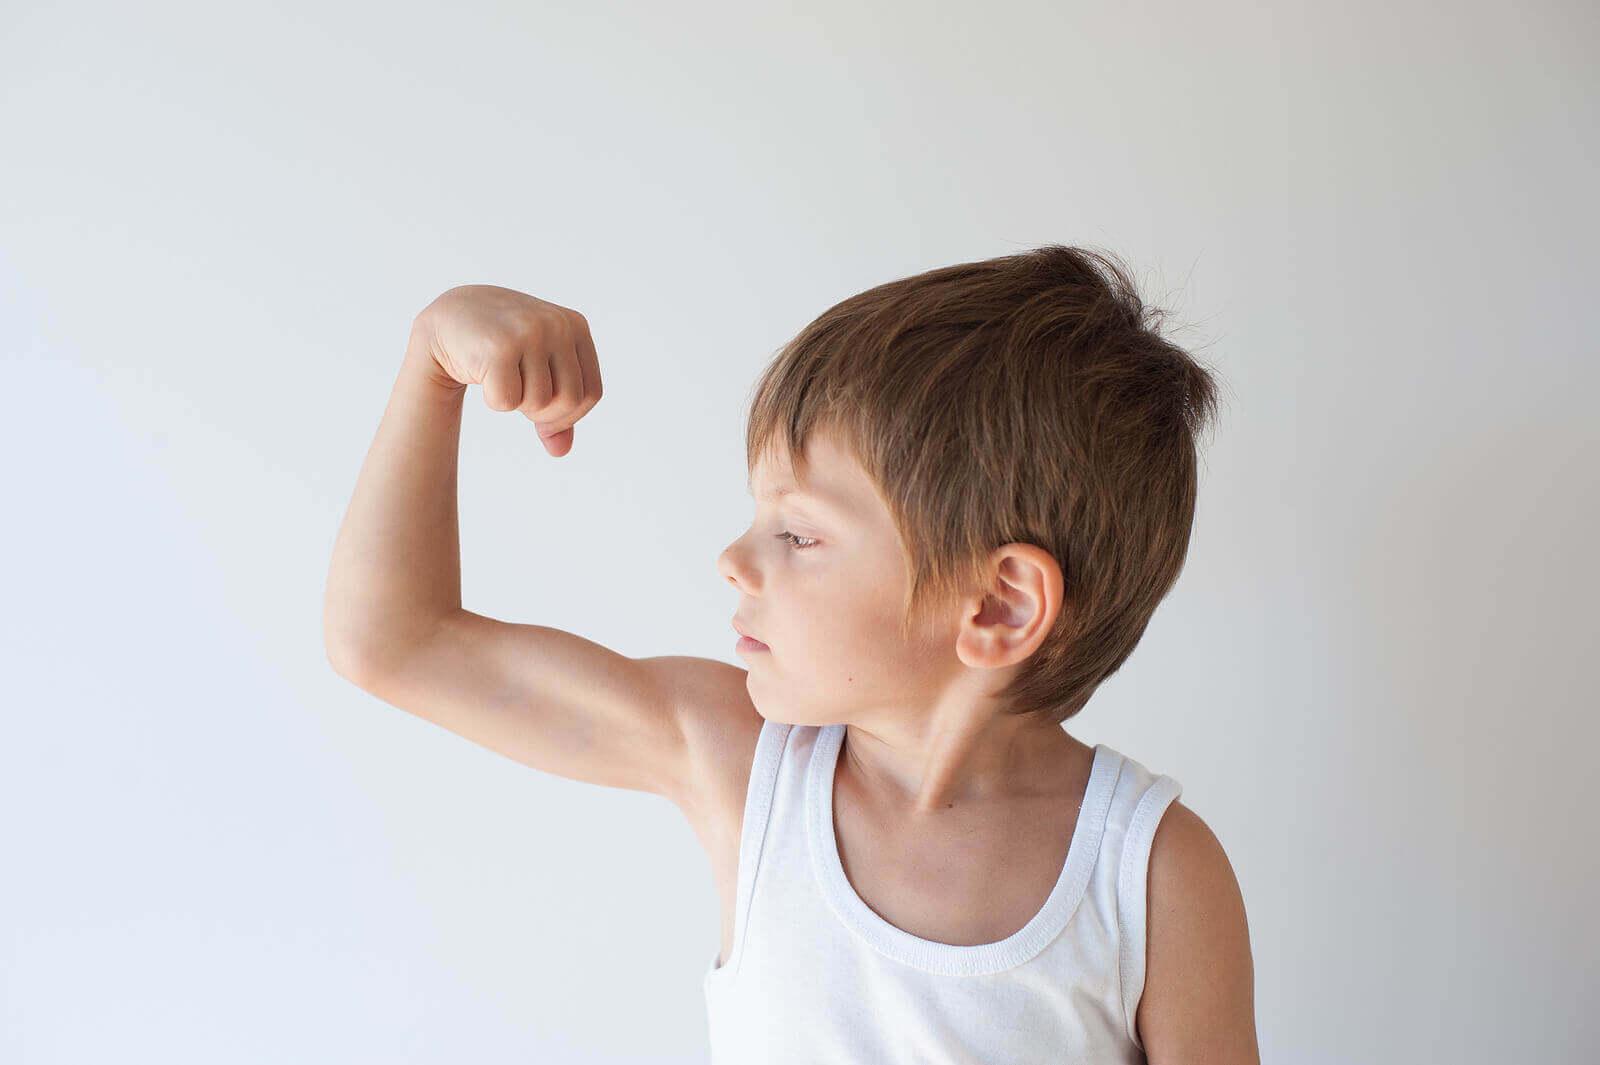 Jotkut lapset ovat yritteliäämpiä kuin toiset, sillä eri lapsilla on erilainen asenne työtä ja vaivannäköä kohtaan